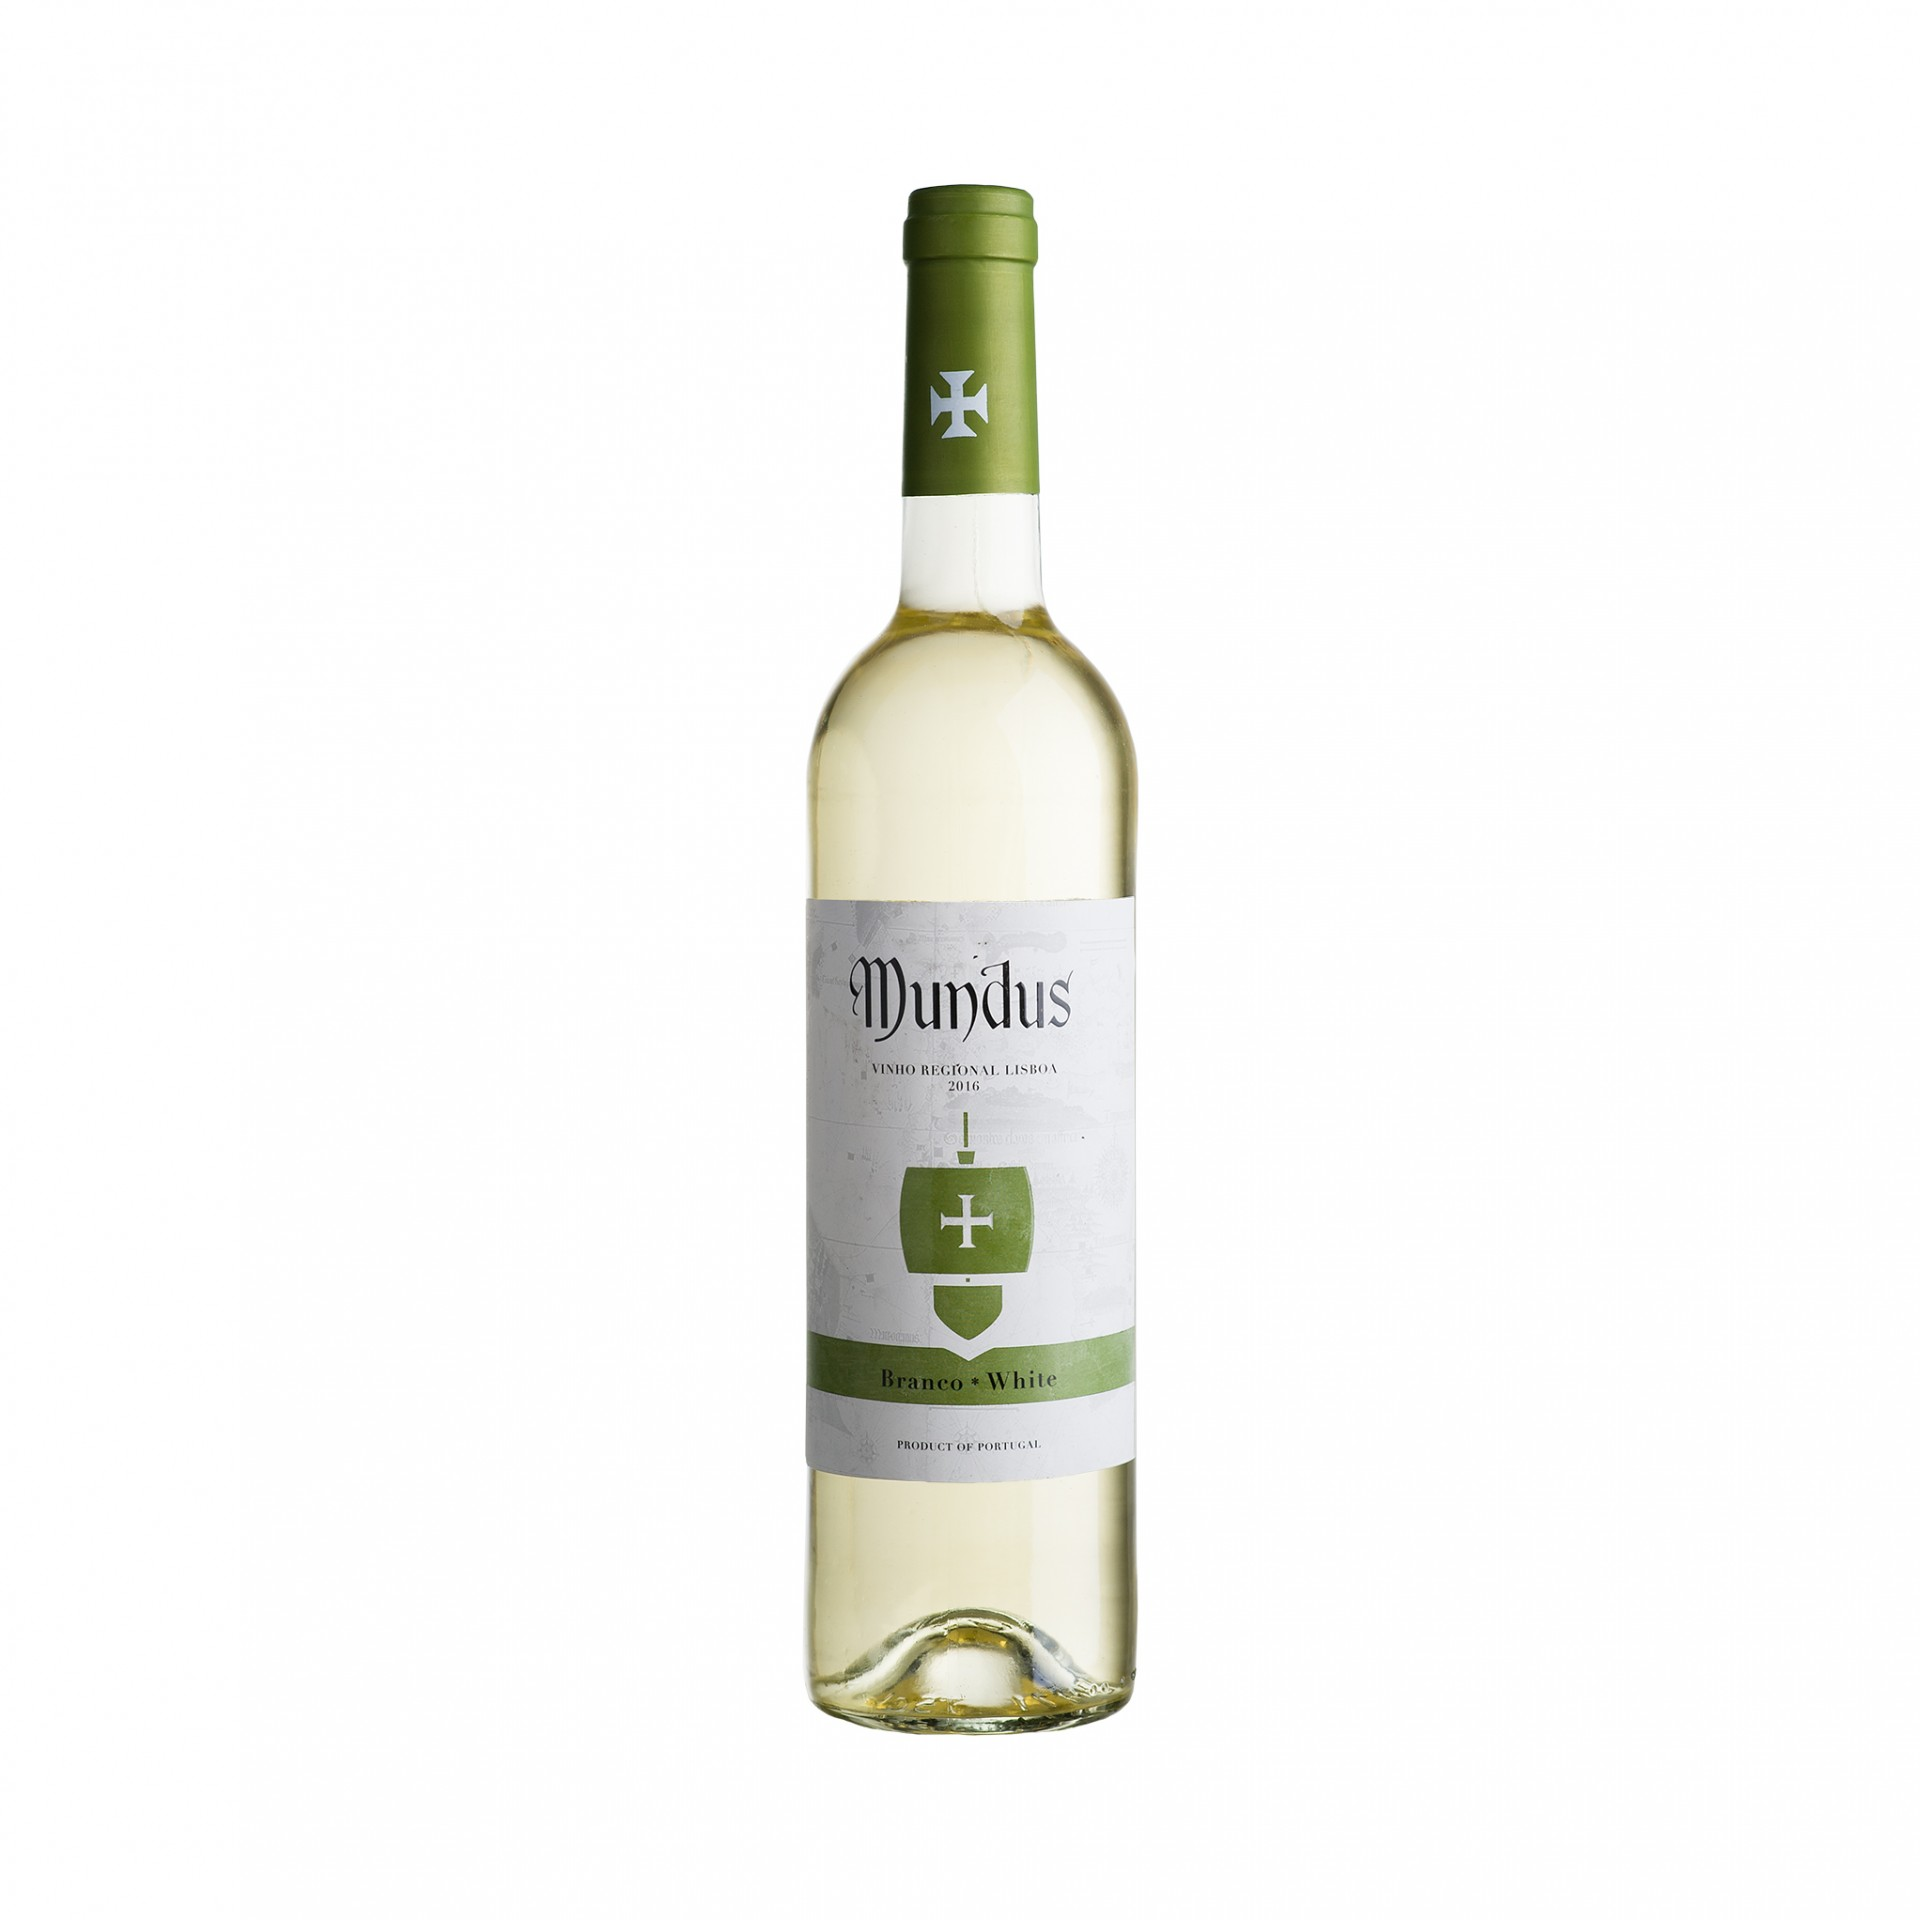 Conjunto Mundus Tinto + Branco IGP Lisboa 0,75L 13,0% + 13,0%